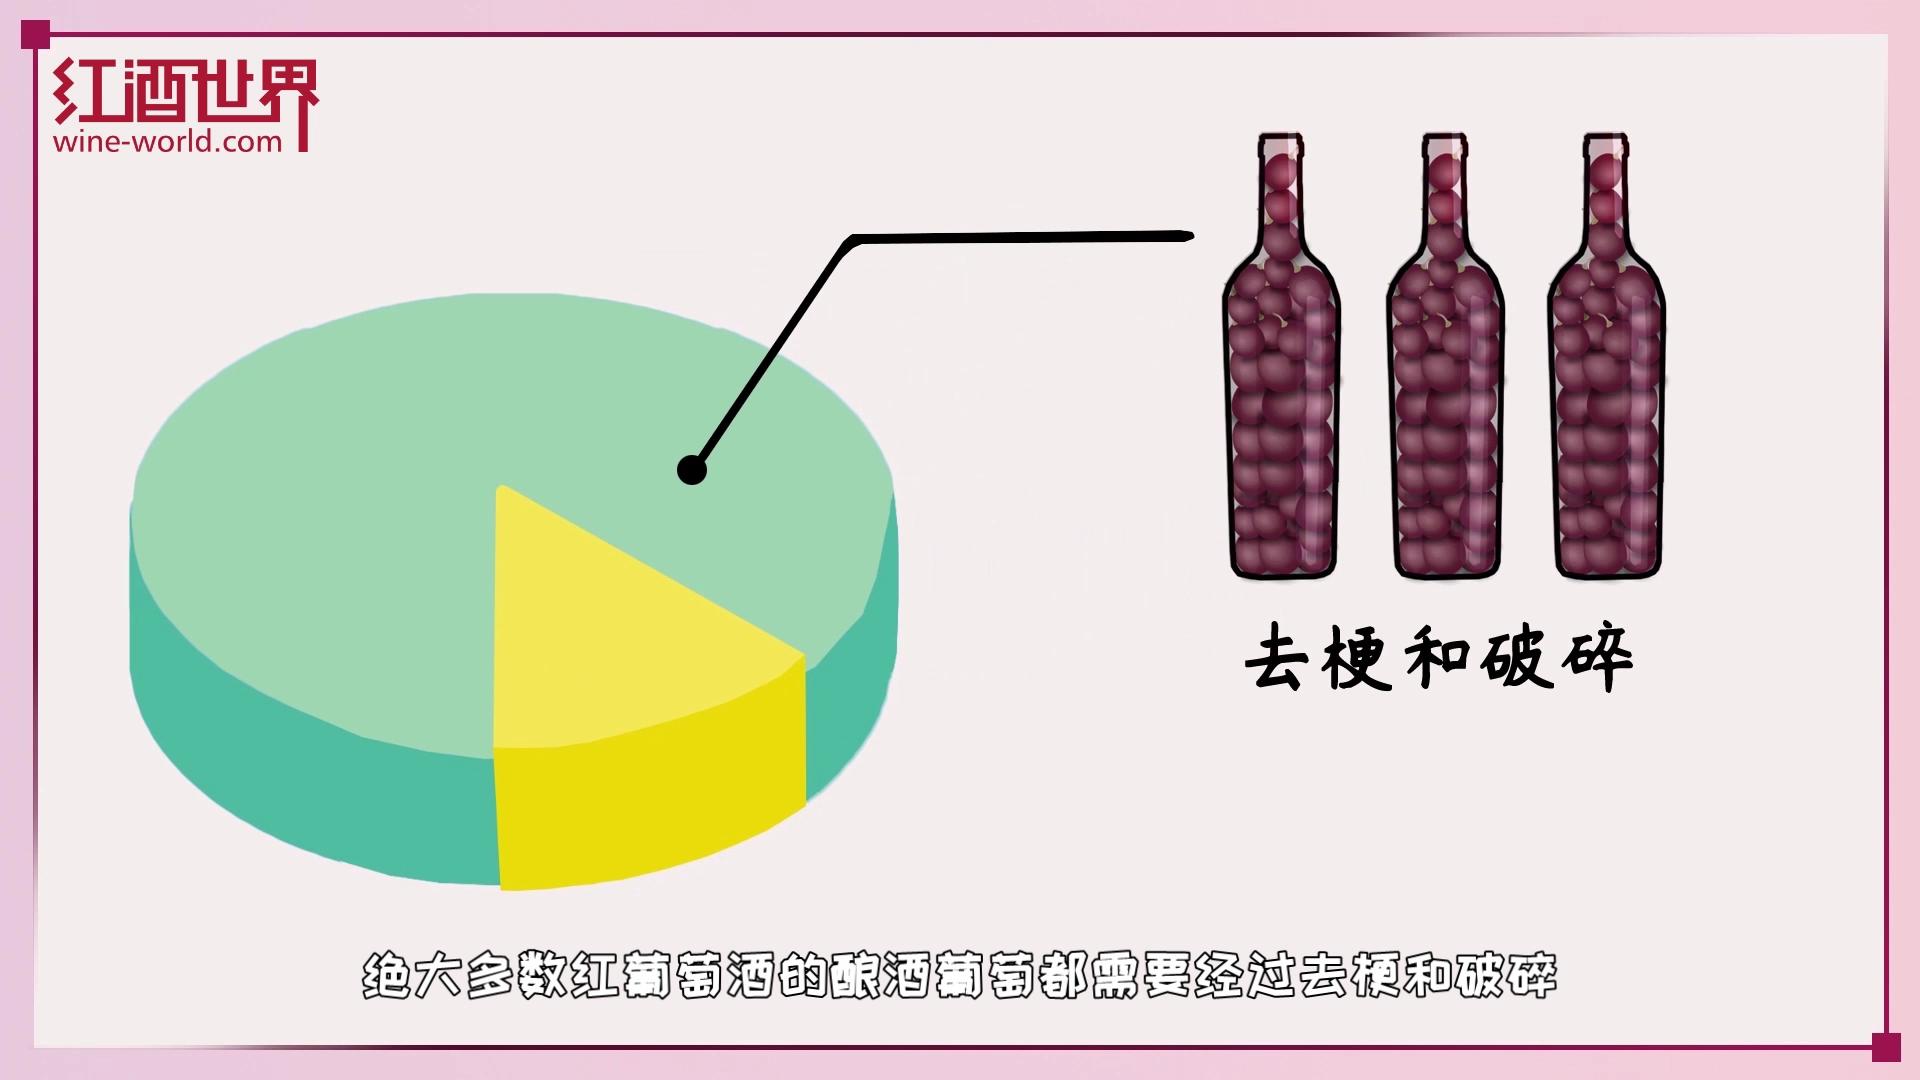 葡萄酒发酵,其实并不简单